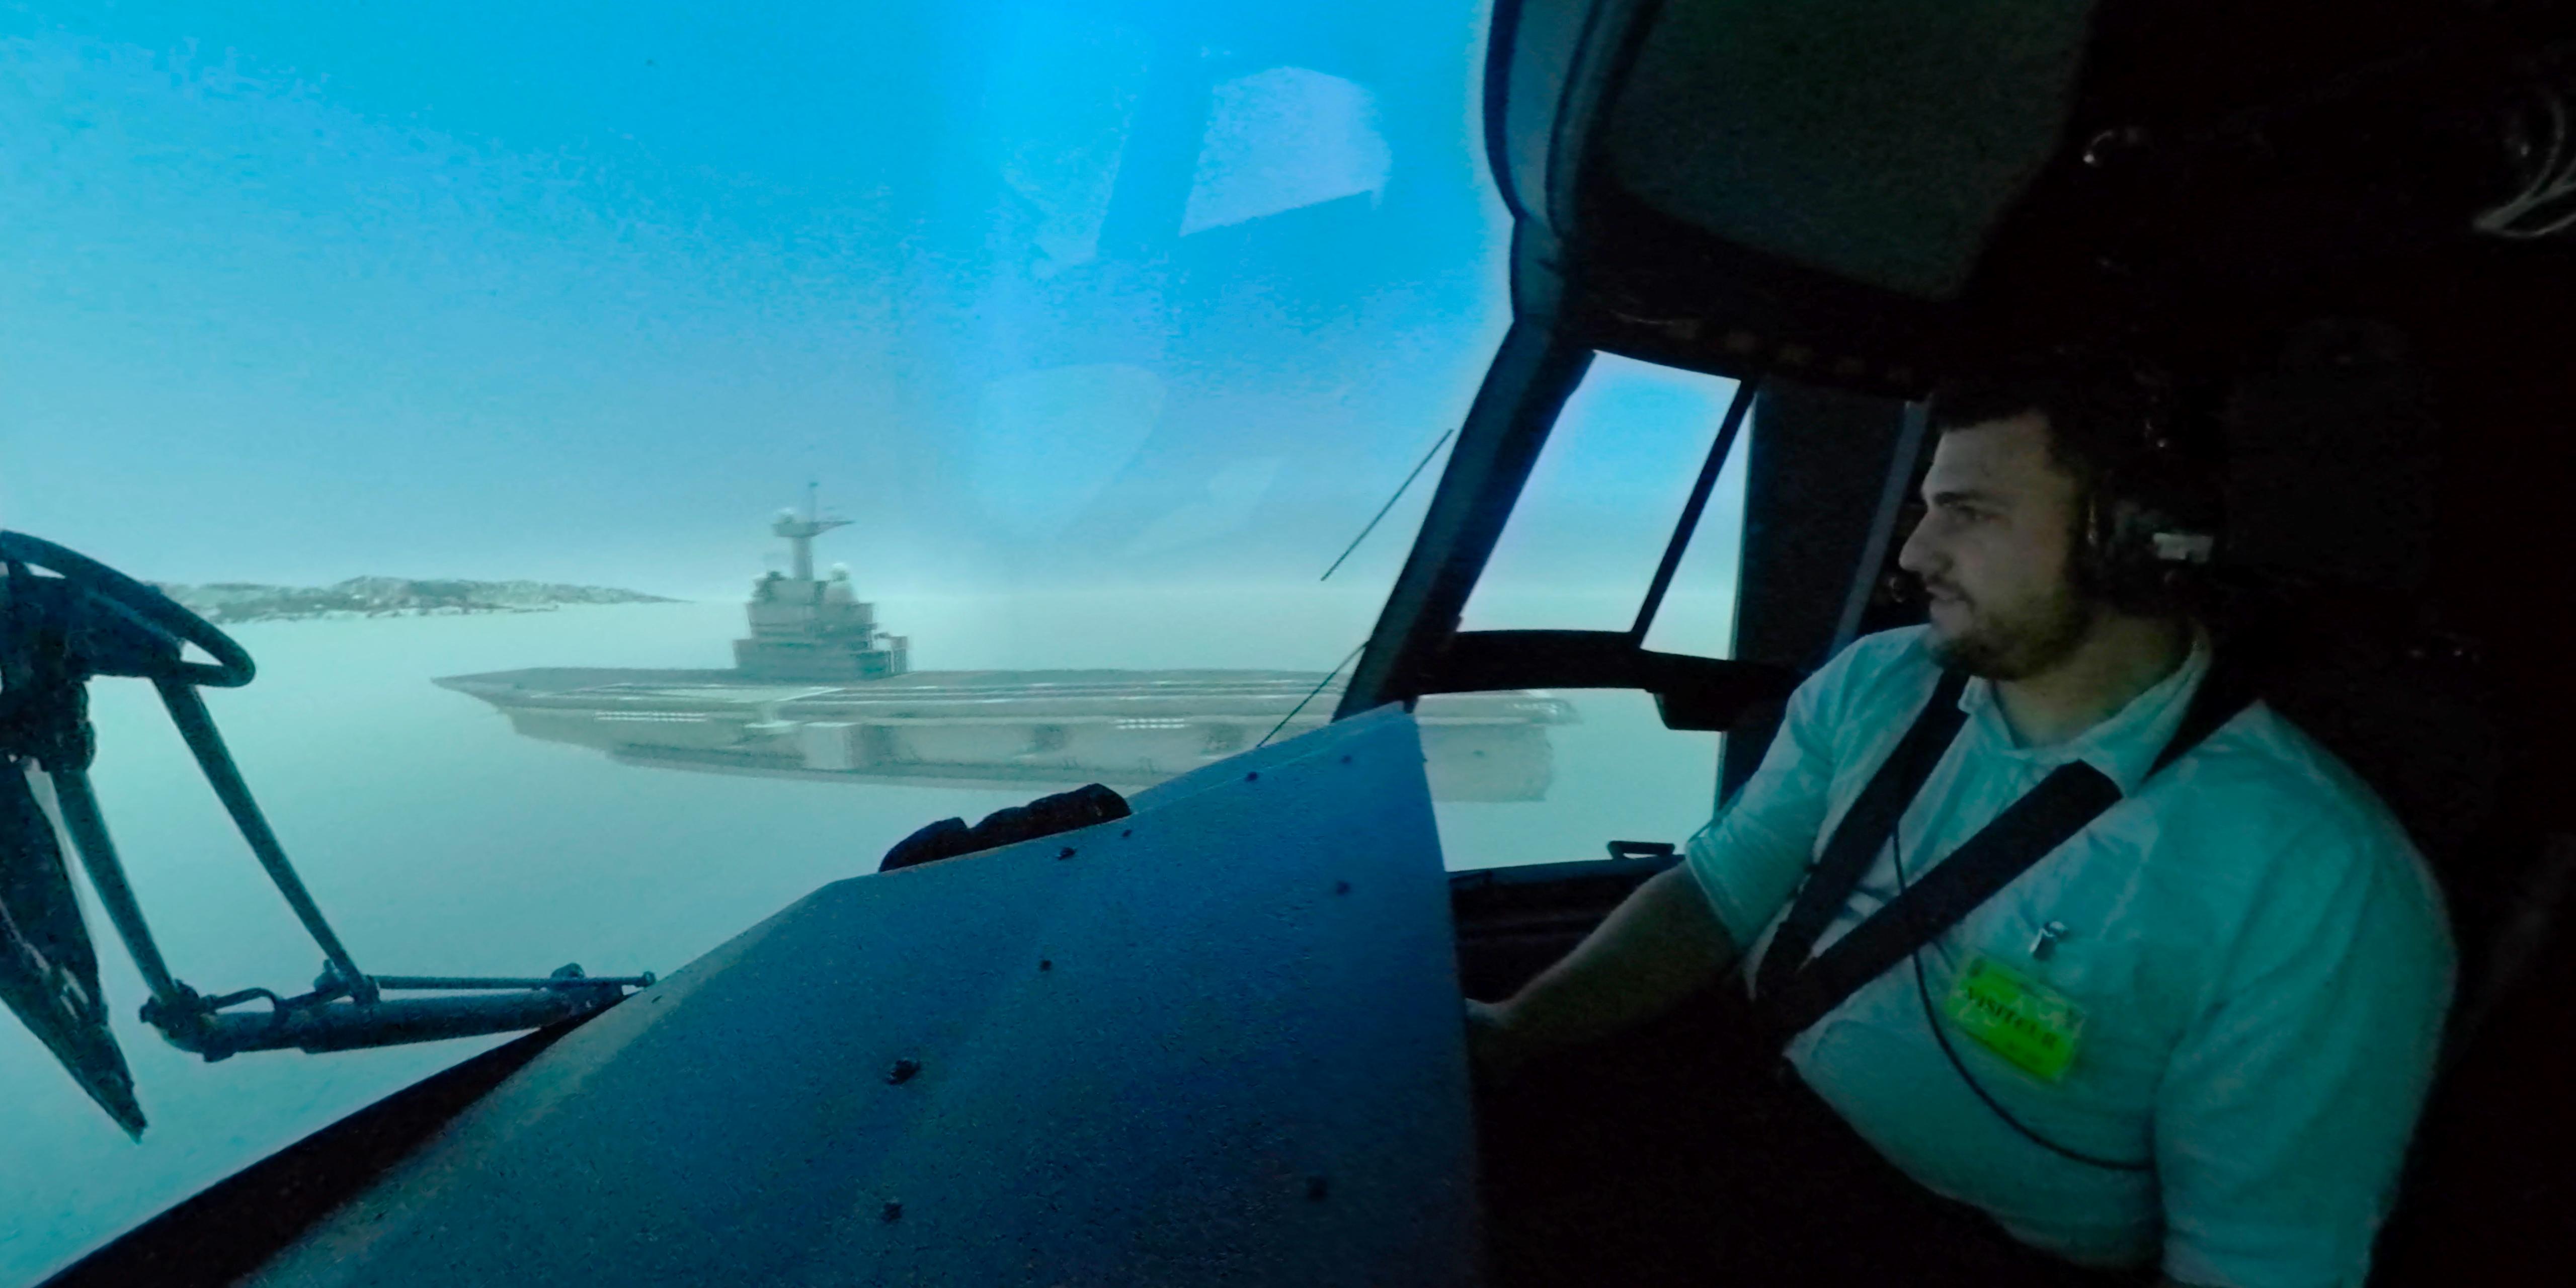 Le gagnant du 2nd jeu-concours Aerobuzz10 aux commandes du simulateur de vol d'hélicoptère de combat NH90 de l'ALAT. Simulation d'appontage sur le port-avions Charles de Gaulle. ©Aerobuzz.fr